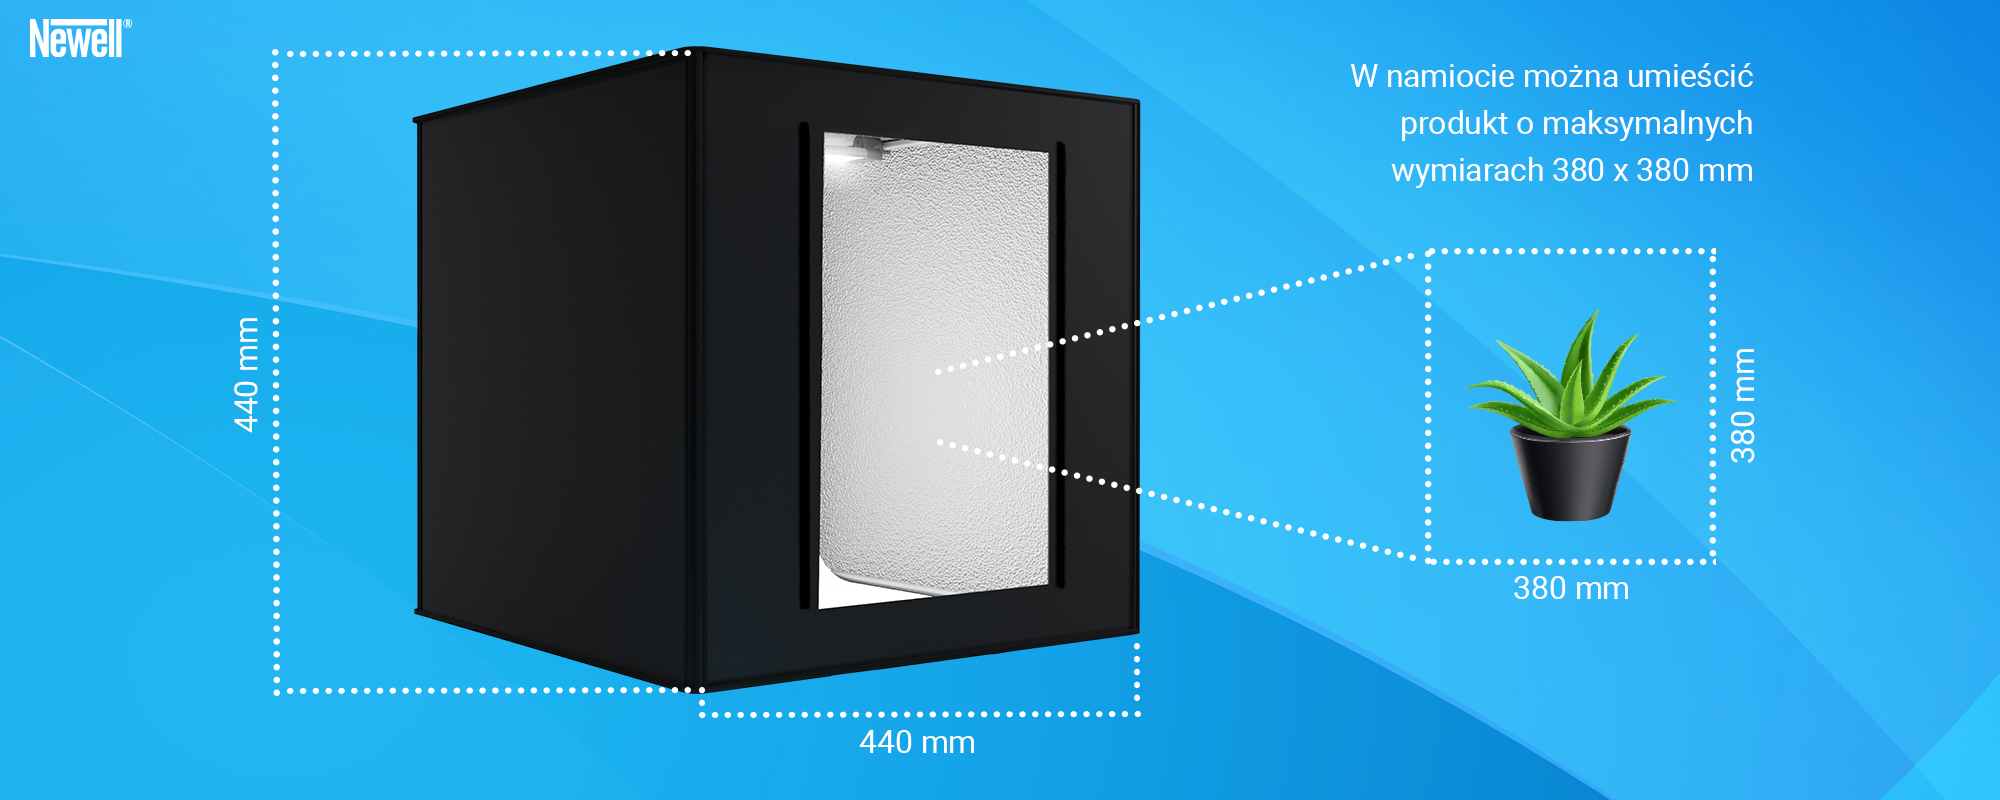 Grafika - Namiot bezcieniowy Newell M40 do fotografii produktowej_04.jpg